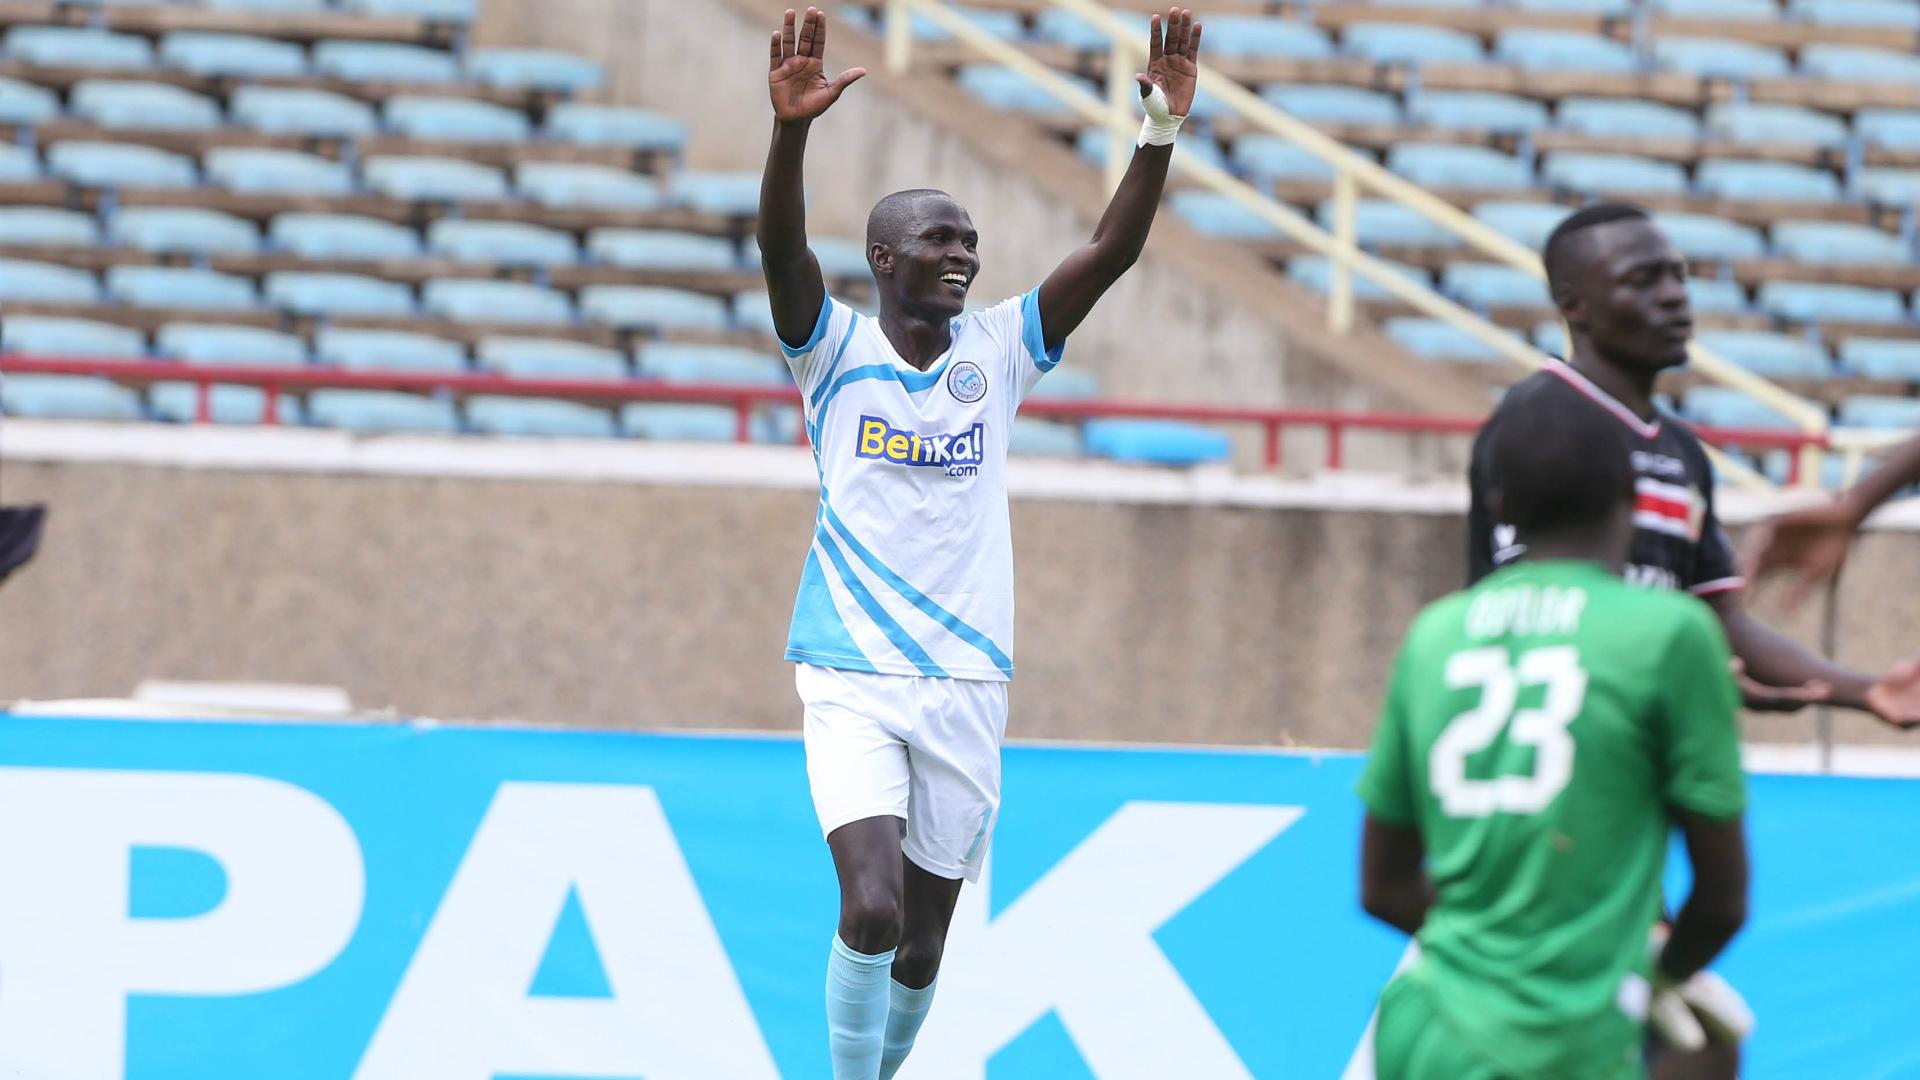 Umar Lasumba of Sofapaka celebrates.j